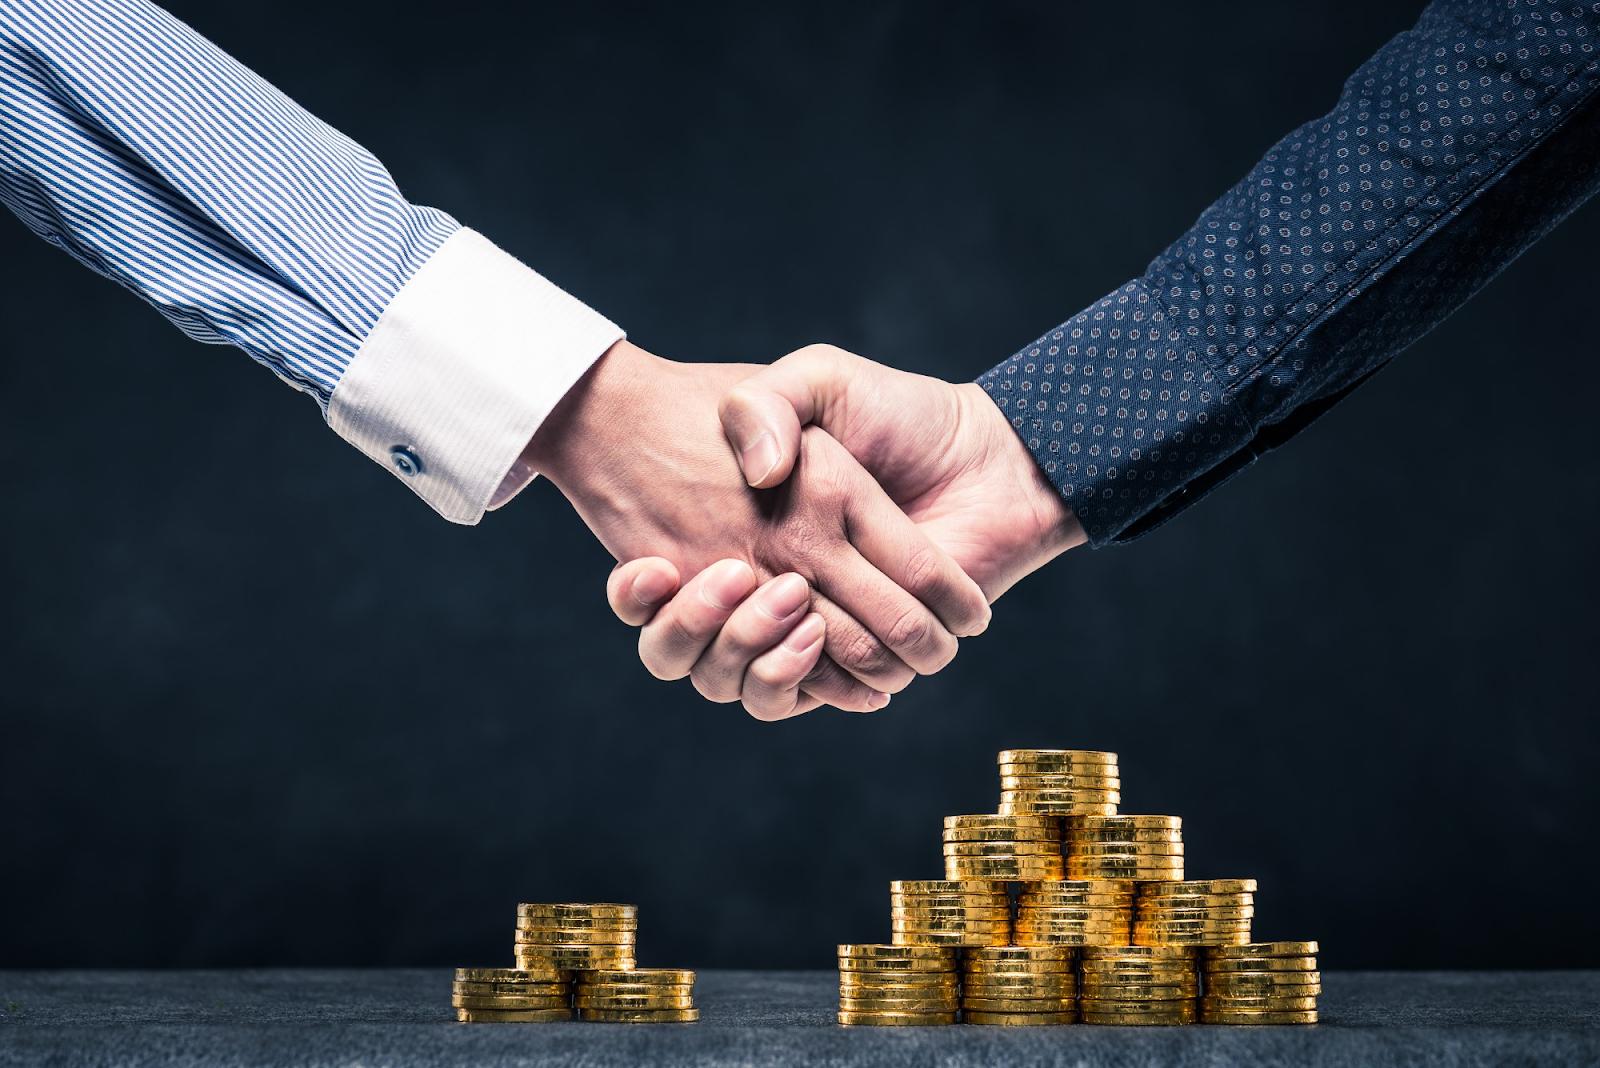 Tiền chi tiêu cho giao dịch thúc đẩy kinh tế phát triển